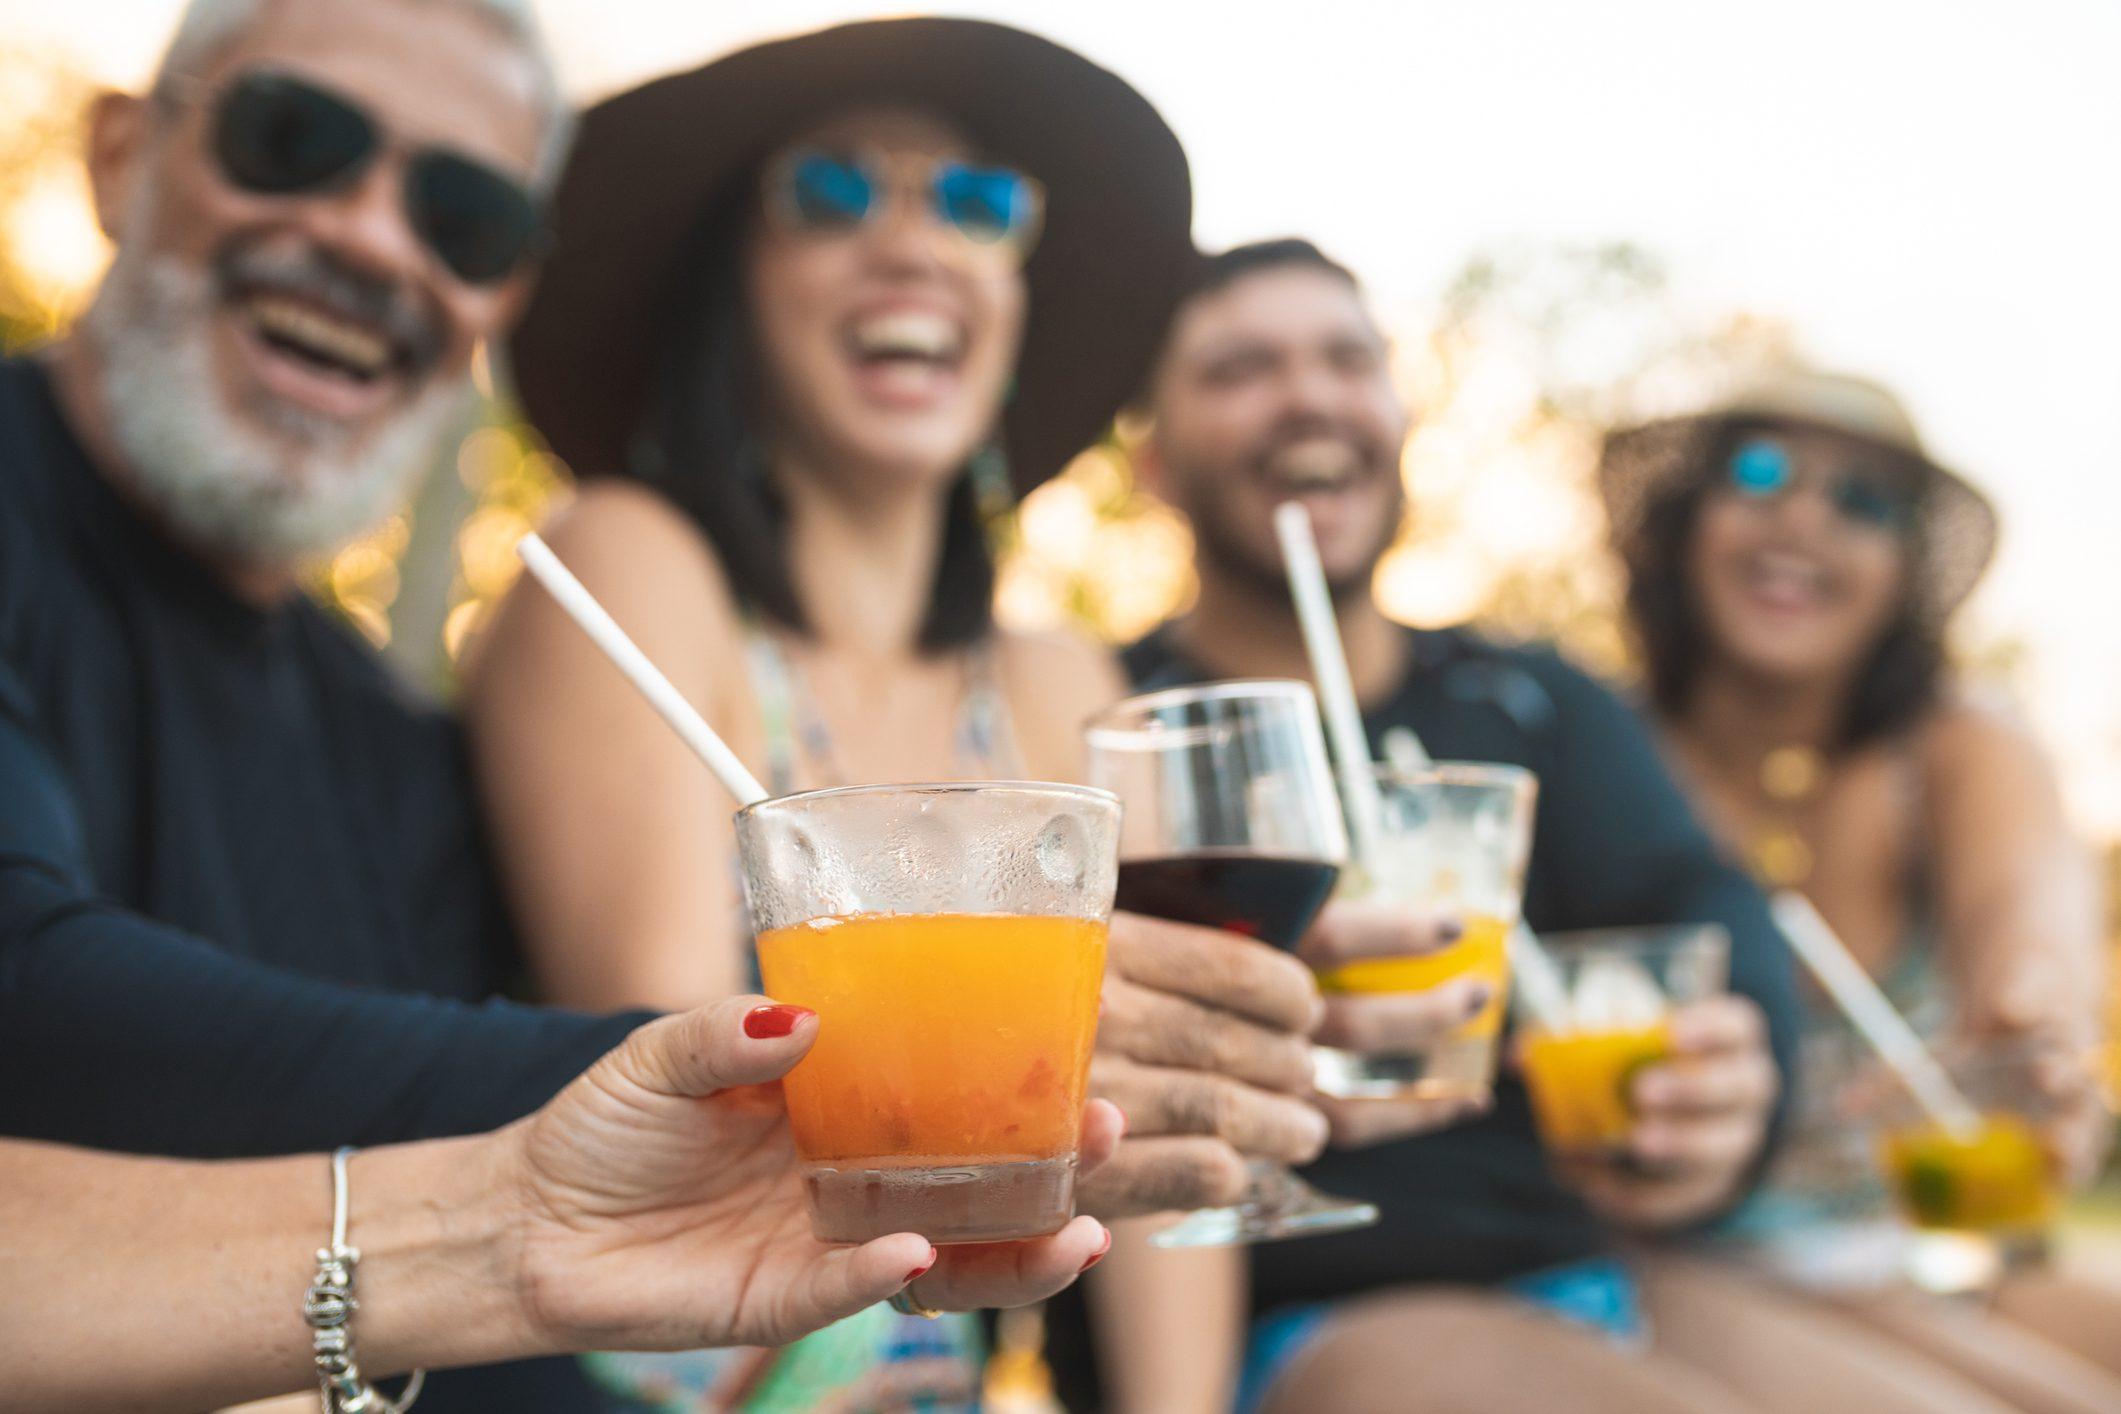 Cannucce nei cocktail: ecco tutti i motivi per cui dovreste evitarle